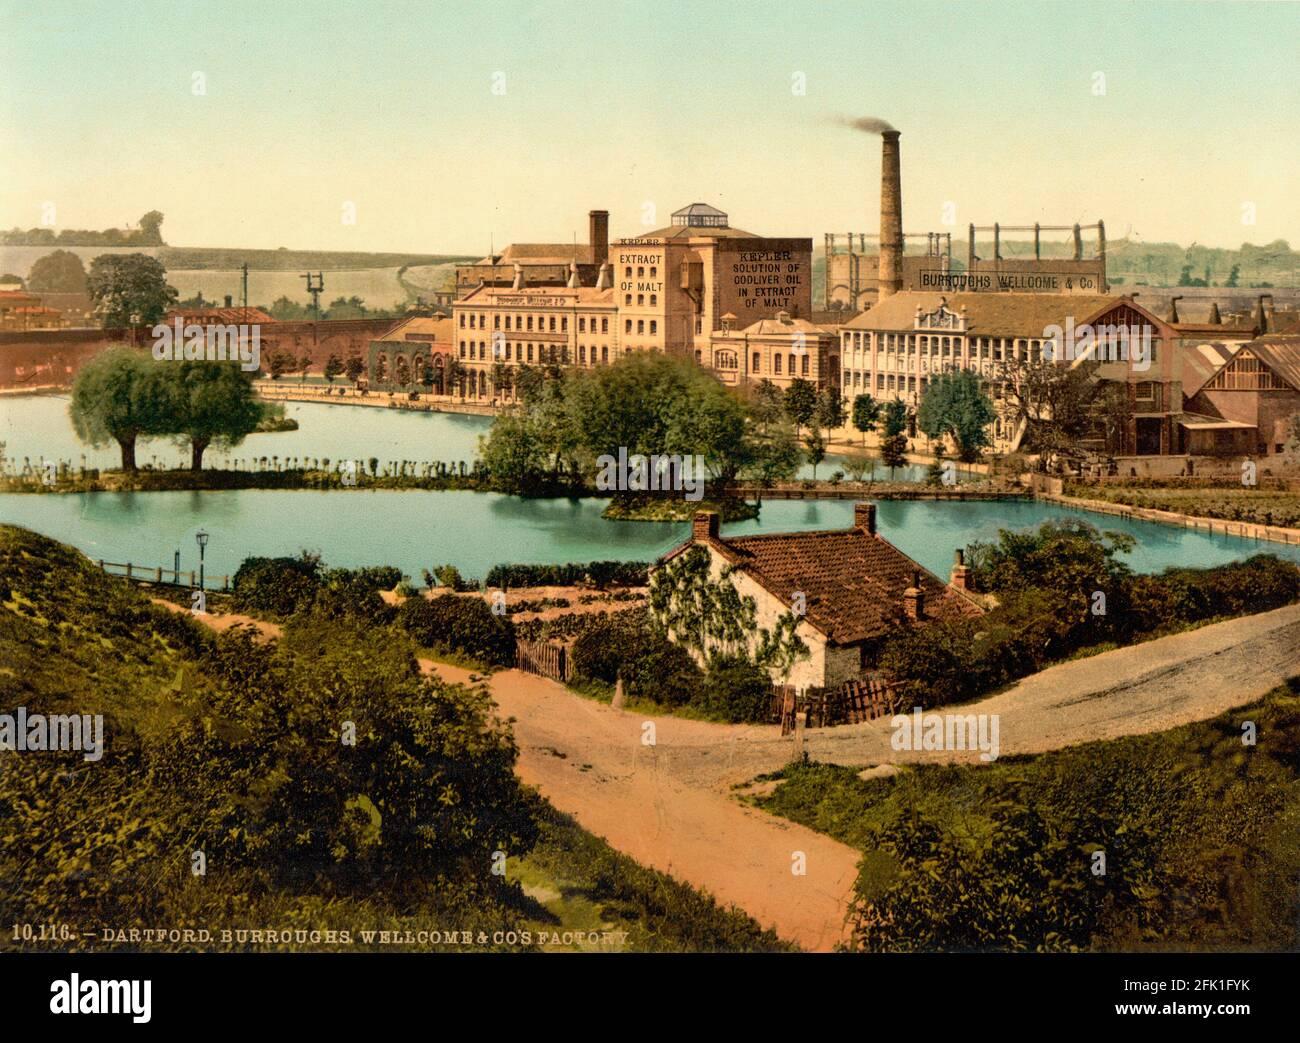 Die Medizinfabrik von Burroughs und Wellcome in Dartford, Kent, wurde um 1890-1900 erbaut Stockfoto